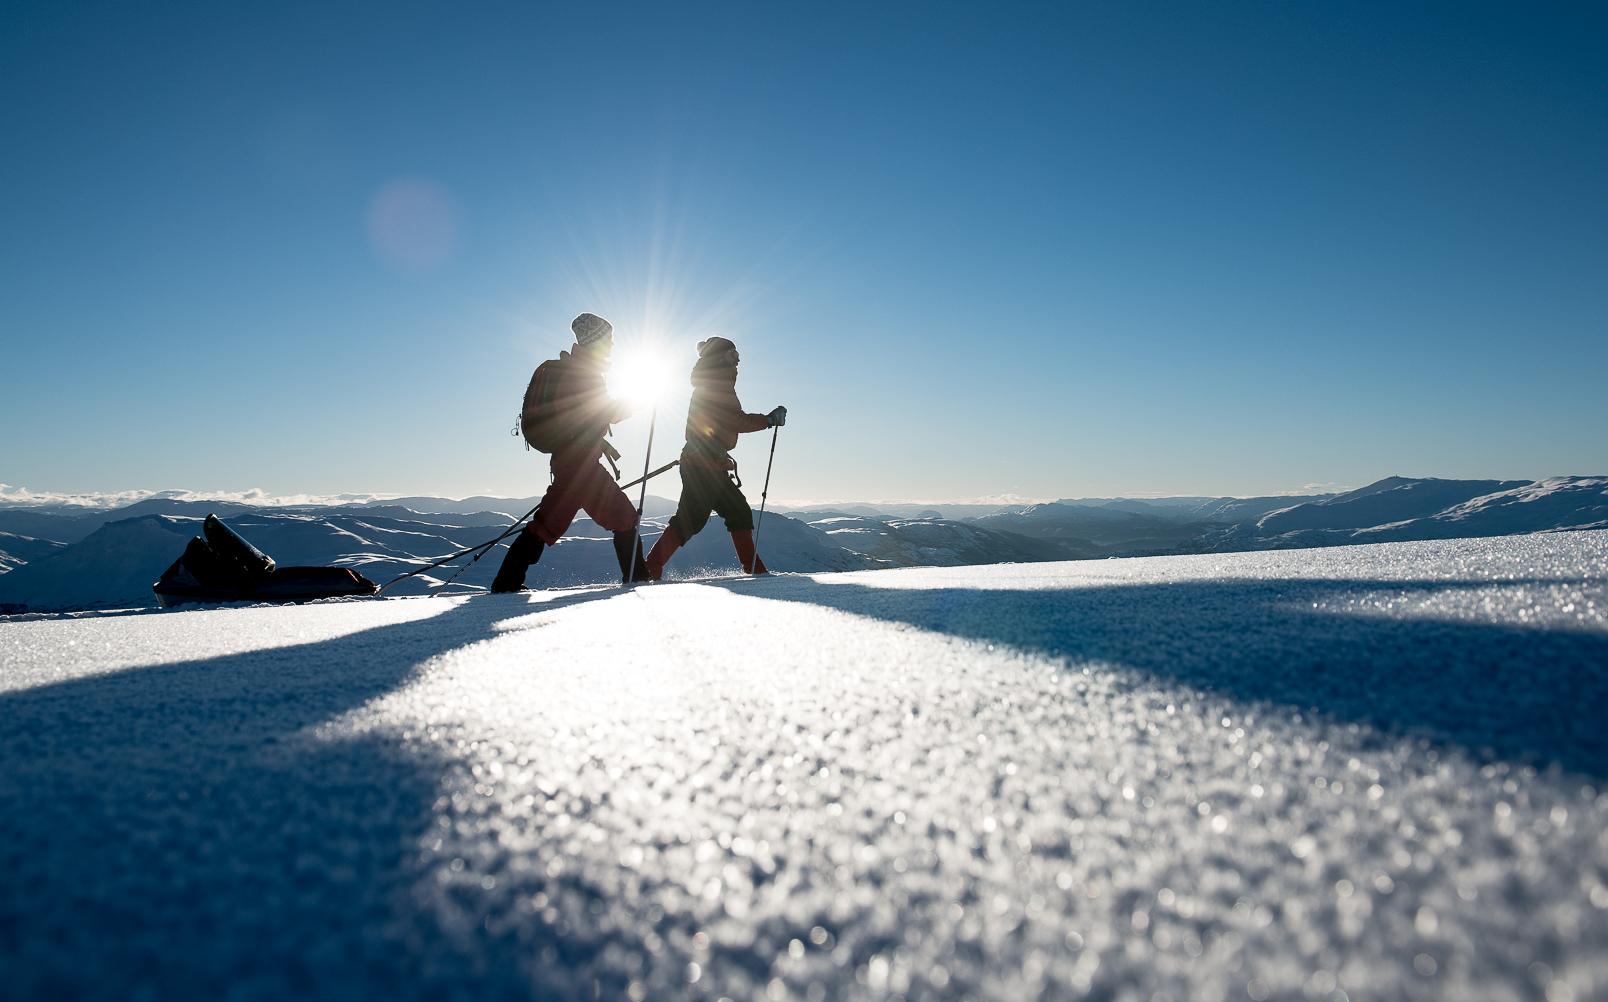 Ski-touring-in-Myrkdalen-Credit-Sverre-F.-Hjørnevik-71